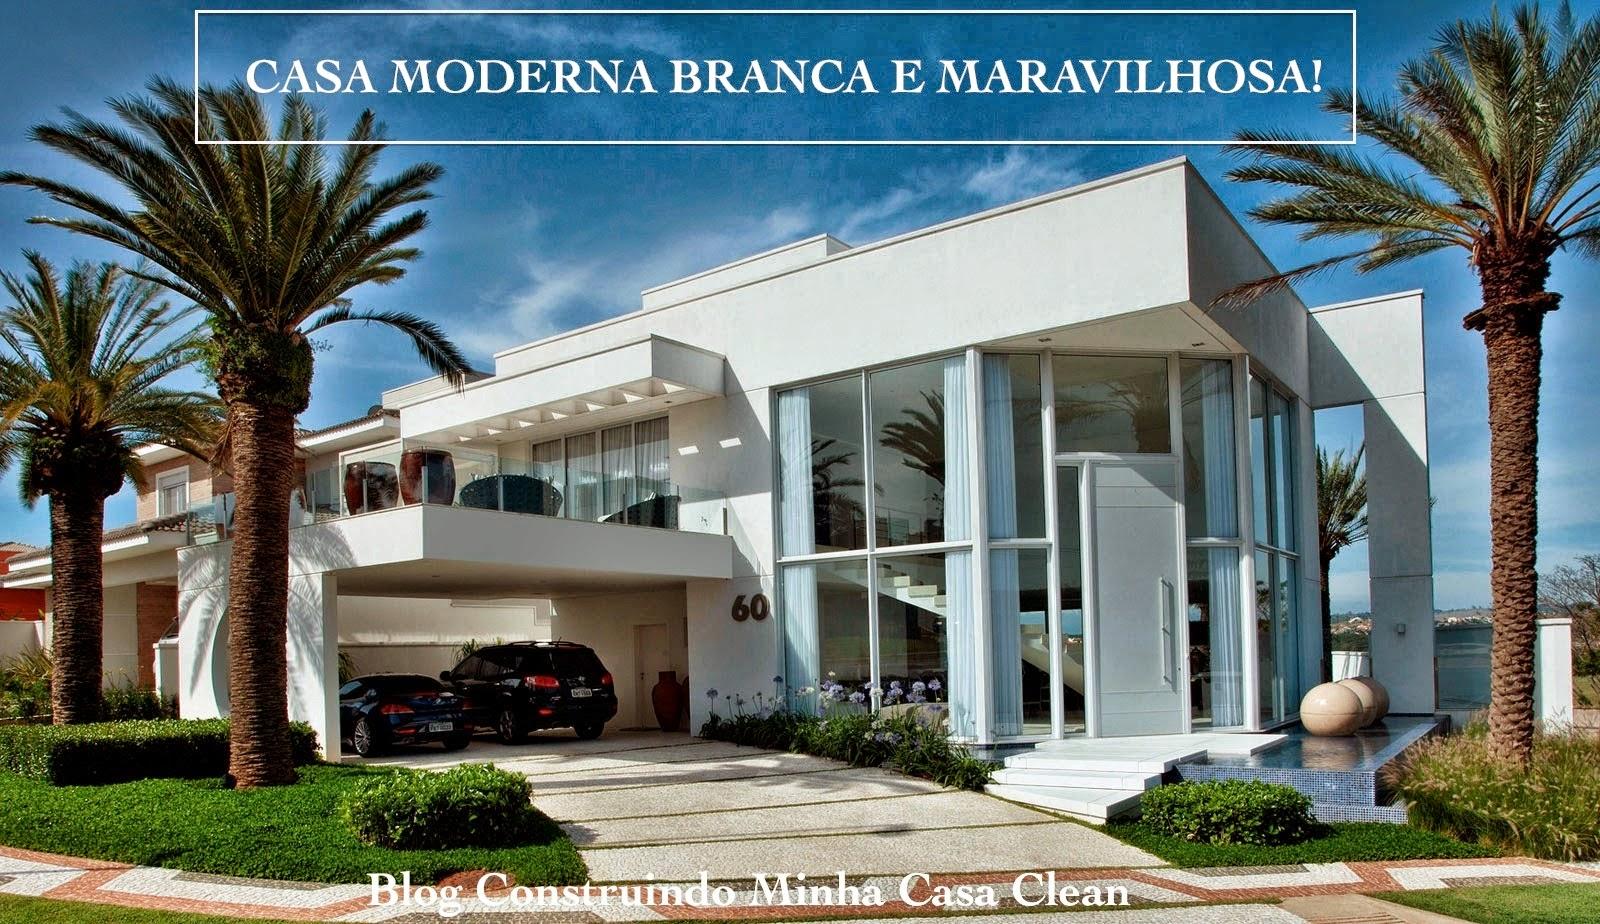 Top 10 fachadas de casas modernas com paisagismo e muros for Casa moderna esquina